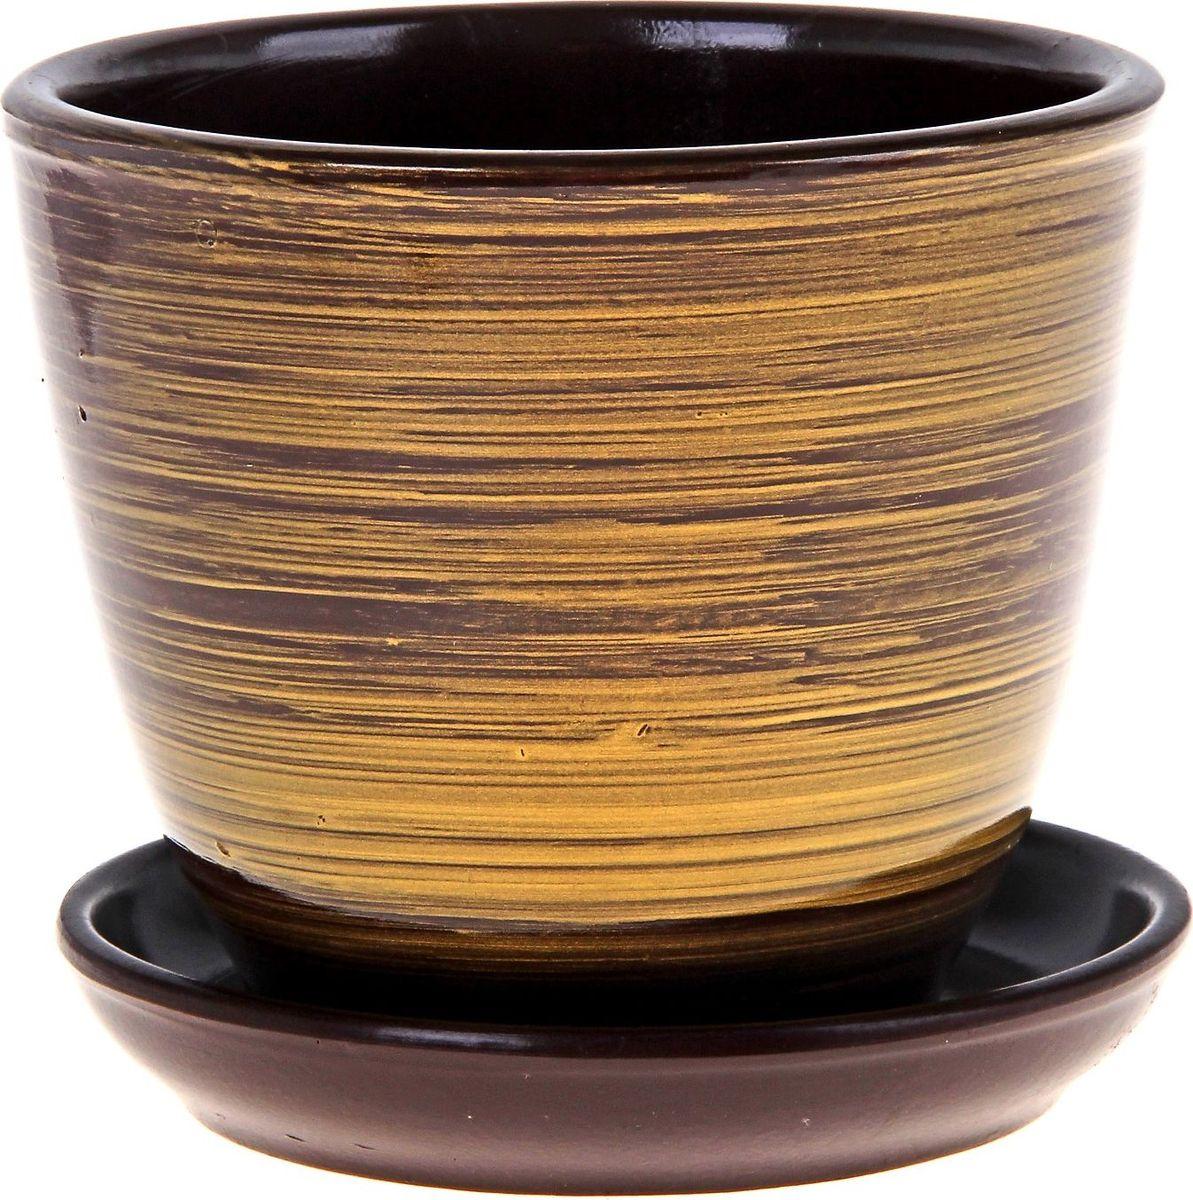 Кашпо Саванна, 1 л164957Комнатные растения — всеобщие любимцы. Они радуют глаз, насыщают помещение кислородом и украшают пространство. Каждому из них необходим свой удобный и красивый дом. Кашпо из керамики прекрасно подходят для высадки растений: за счёт пластичности глины и разных способов обработки существует великое множество форм и дизайновпористый материал позволяет испаряться лишней влагевоздух, необходимый для дыхания корней, проникает сквозь керамические стенки! #name# позаботится о зелёном питомце, освежит интерьер и подчеркнёт его стиль.